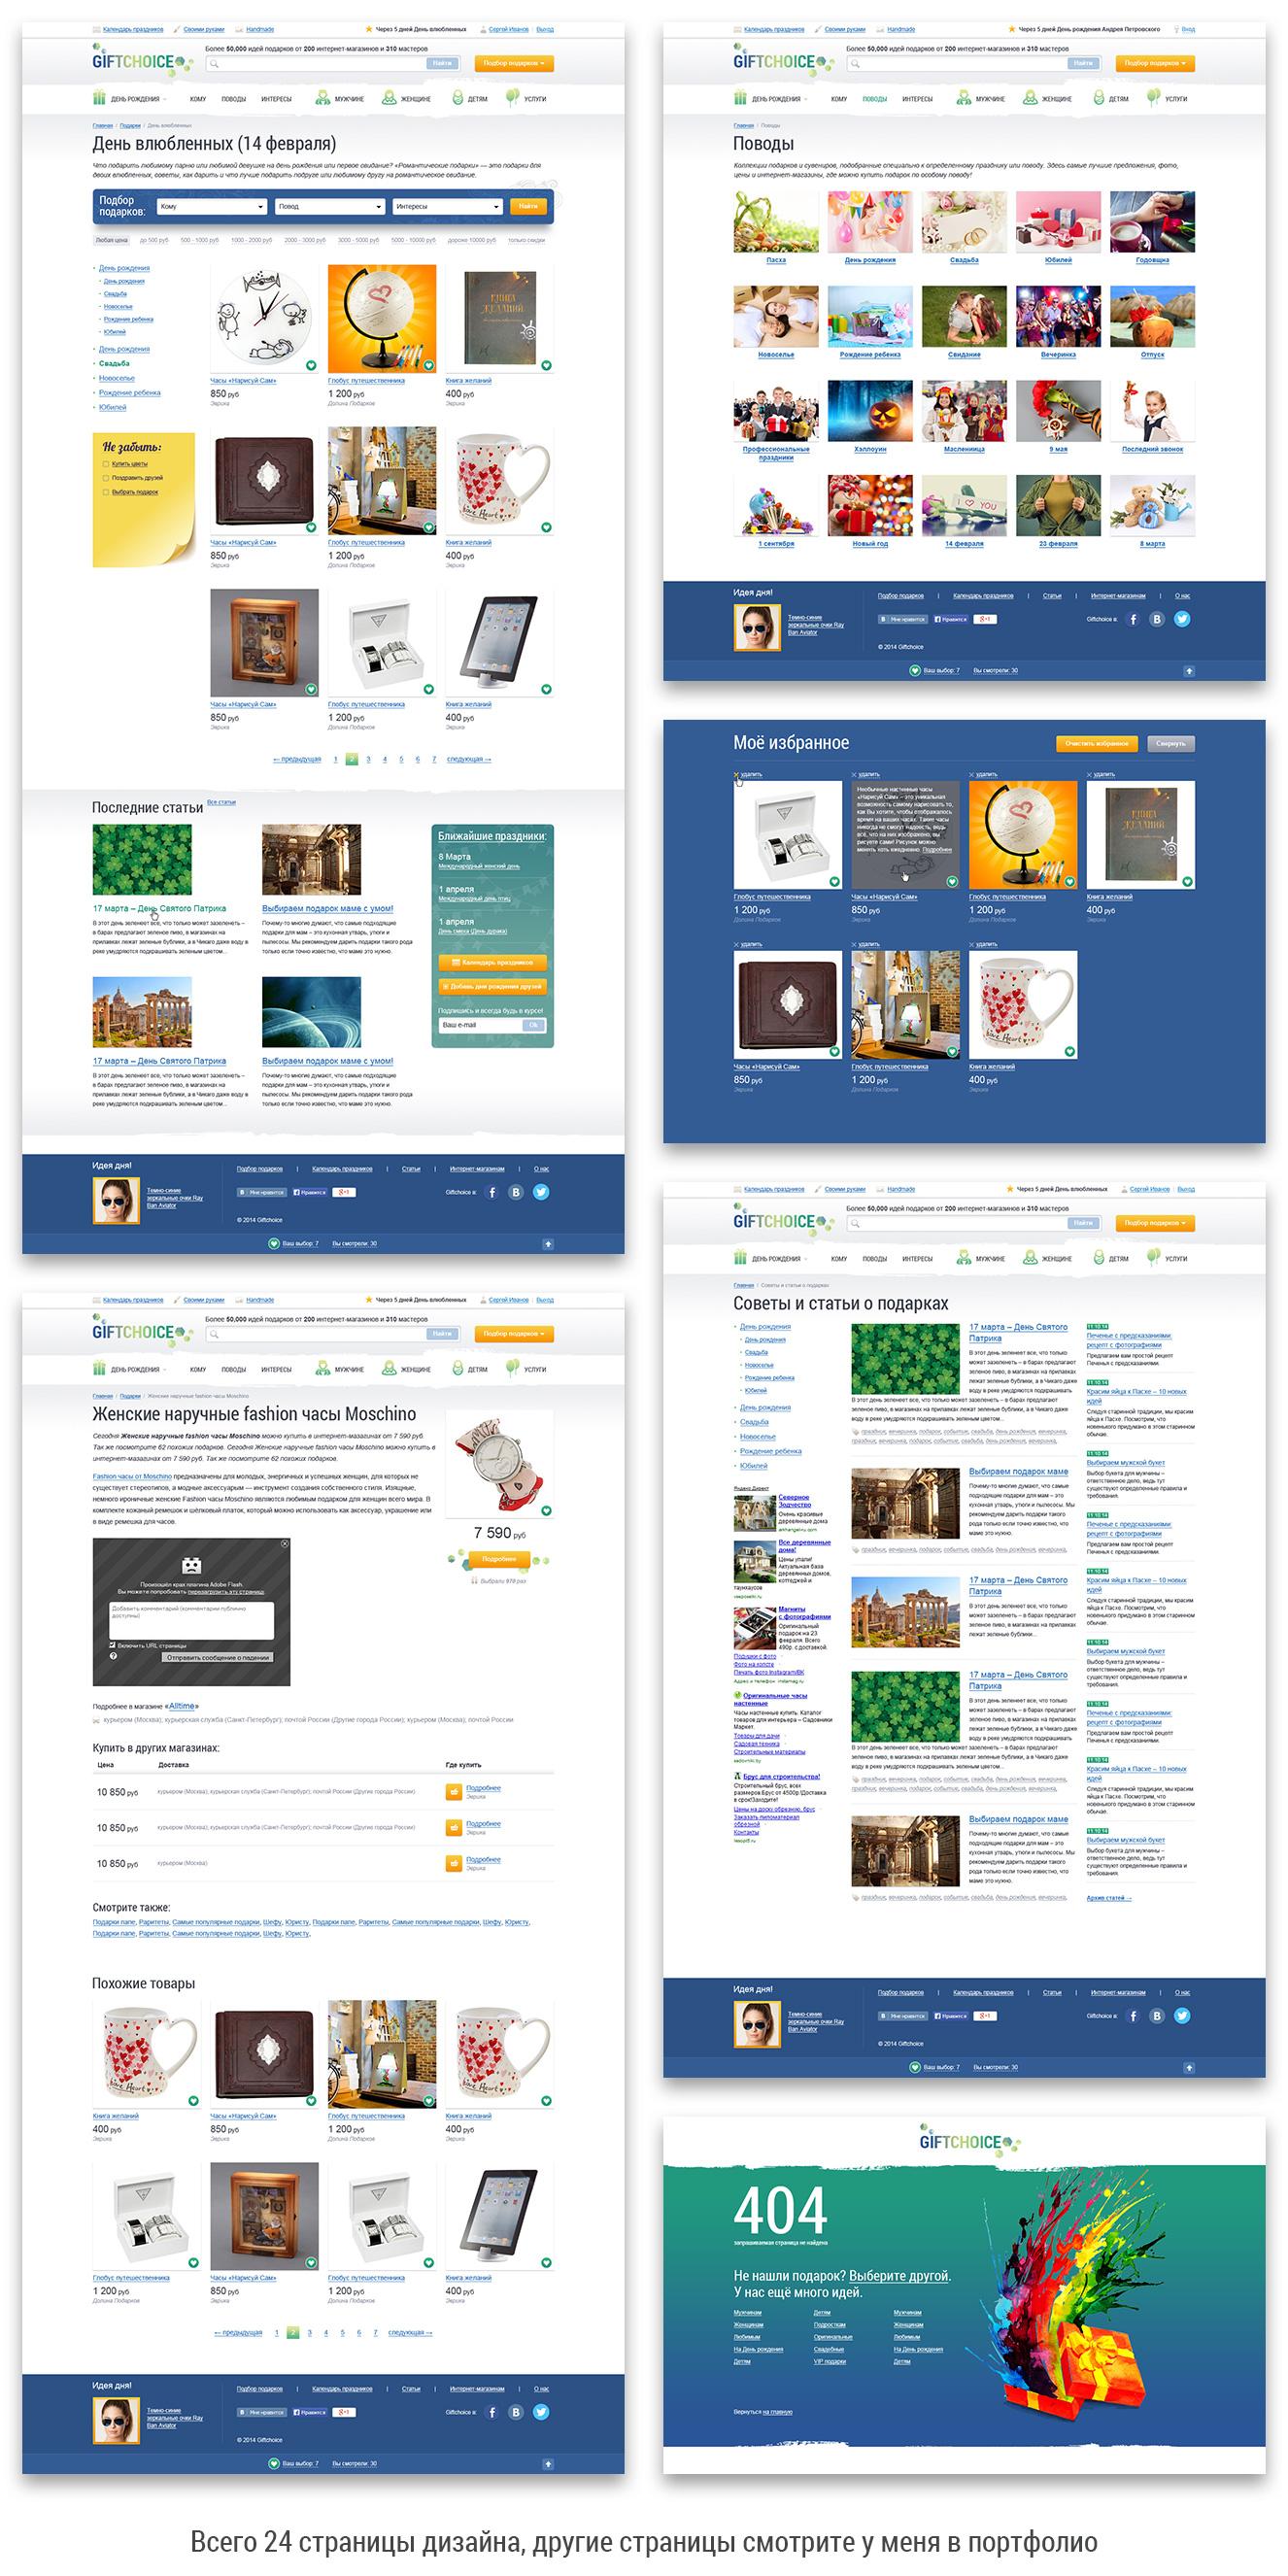 GiftChoice - Сервис-агрегатор сайтов подарков. Внутренние часть 1. Проработка идеи заказчика, прототип, дизайн 24 стр.